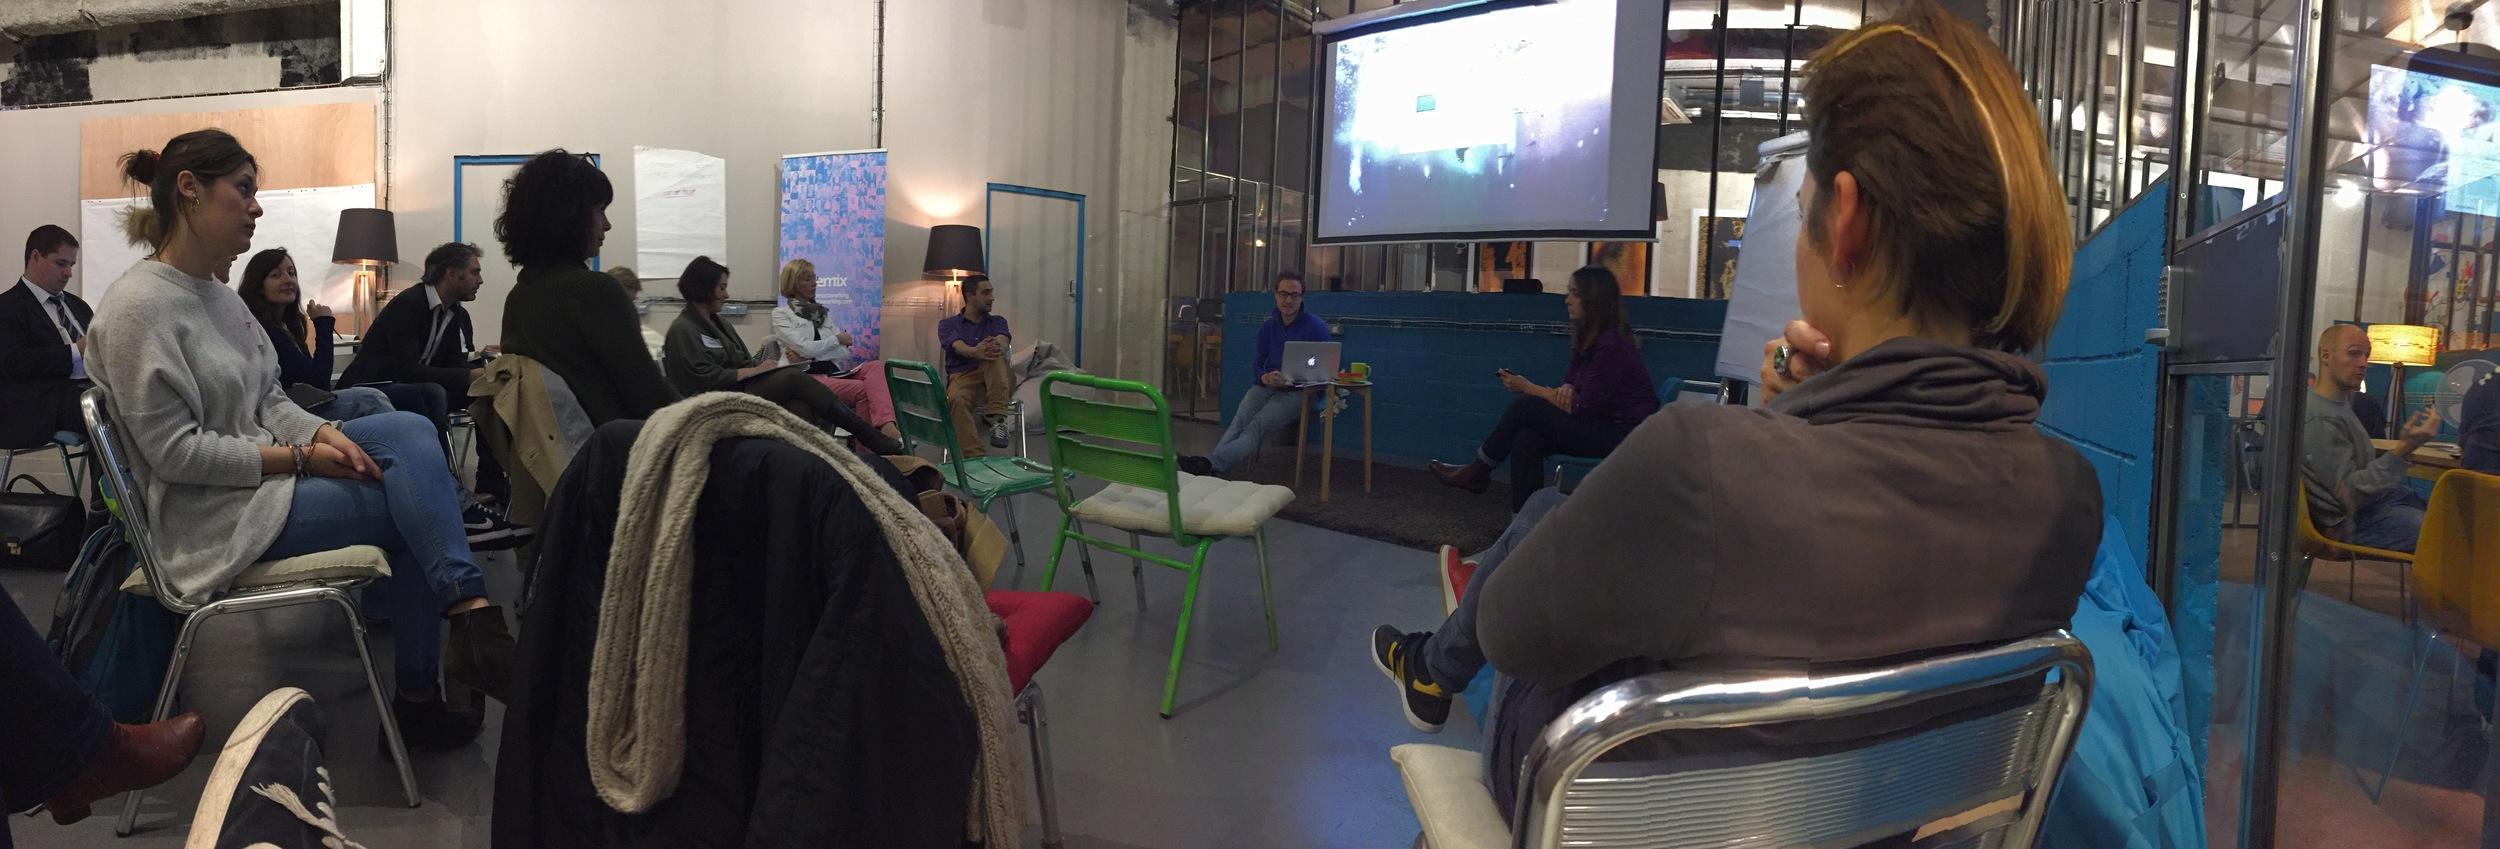 Collectif des Tiers-Lieux au Remix Coworking Paris 1.jpg